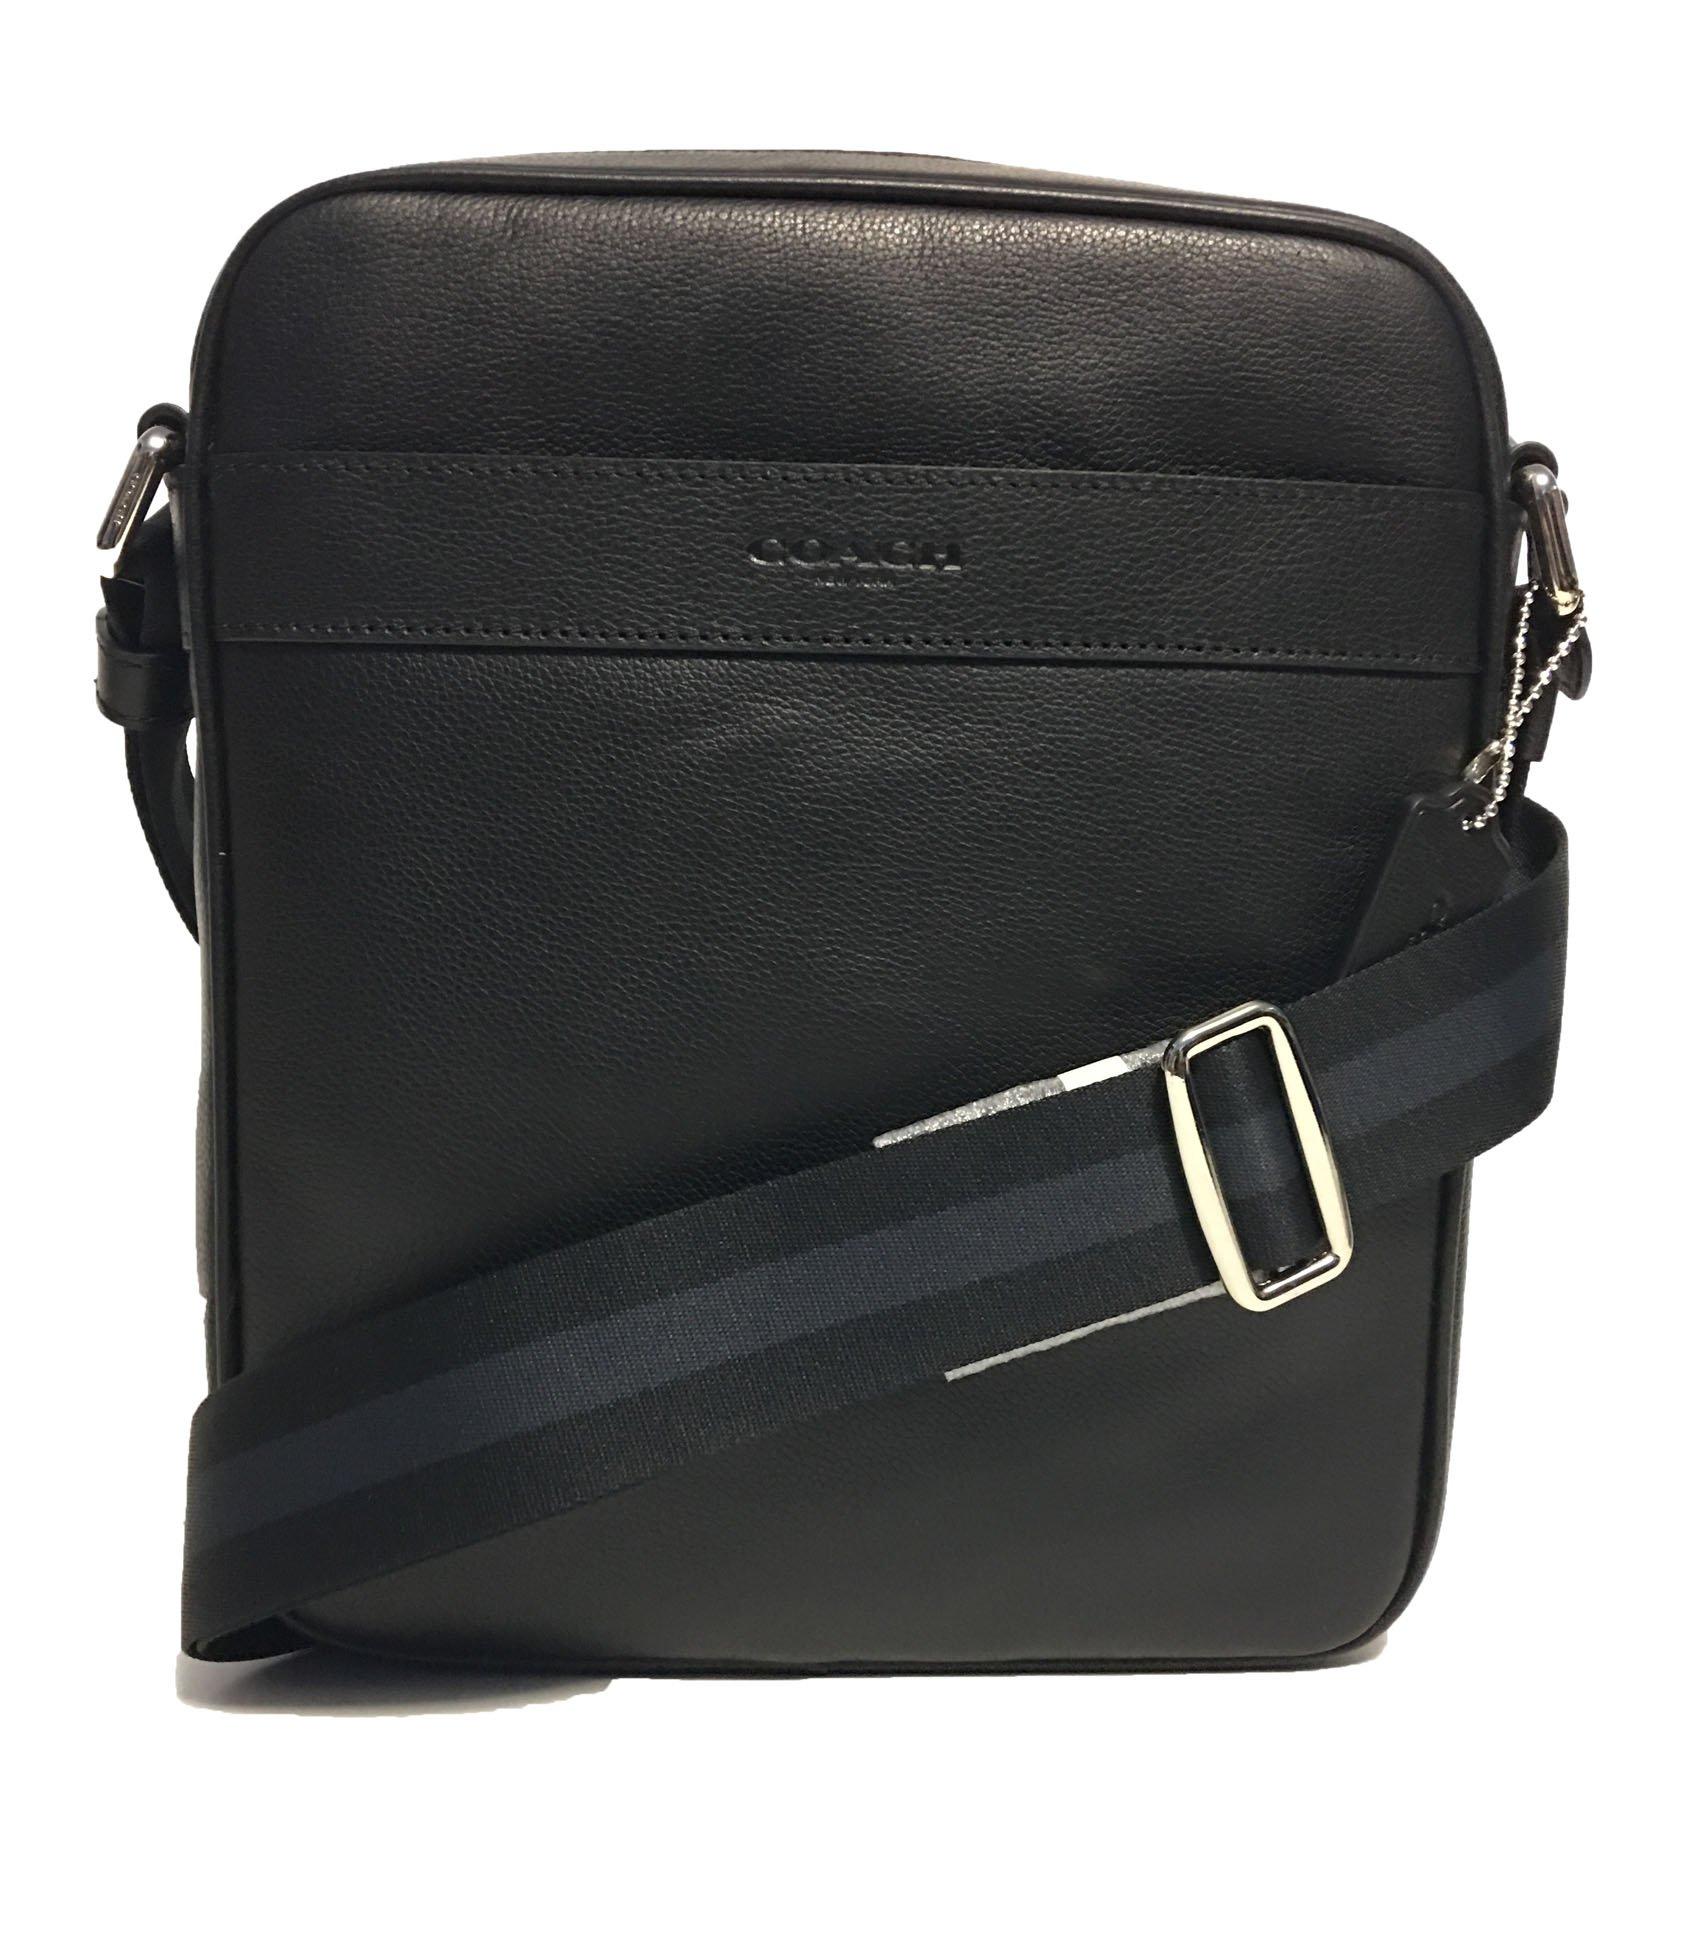 Coach Outlet Mens Crossbody Messenger Bag Black Leather F54782 BLK